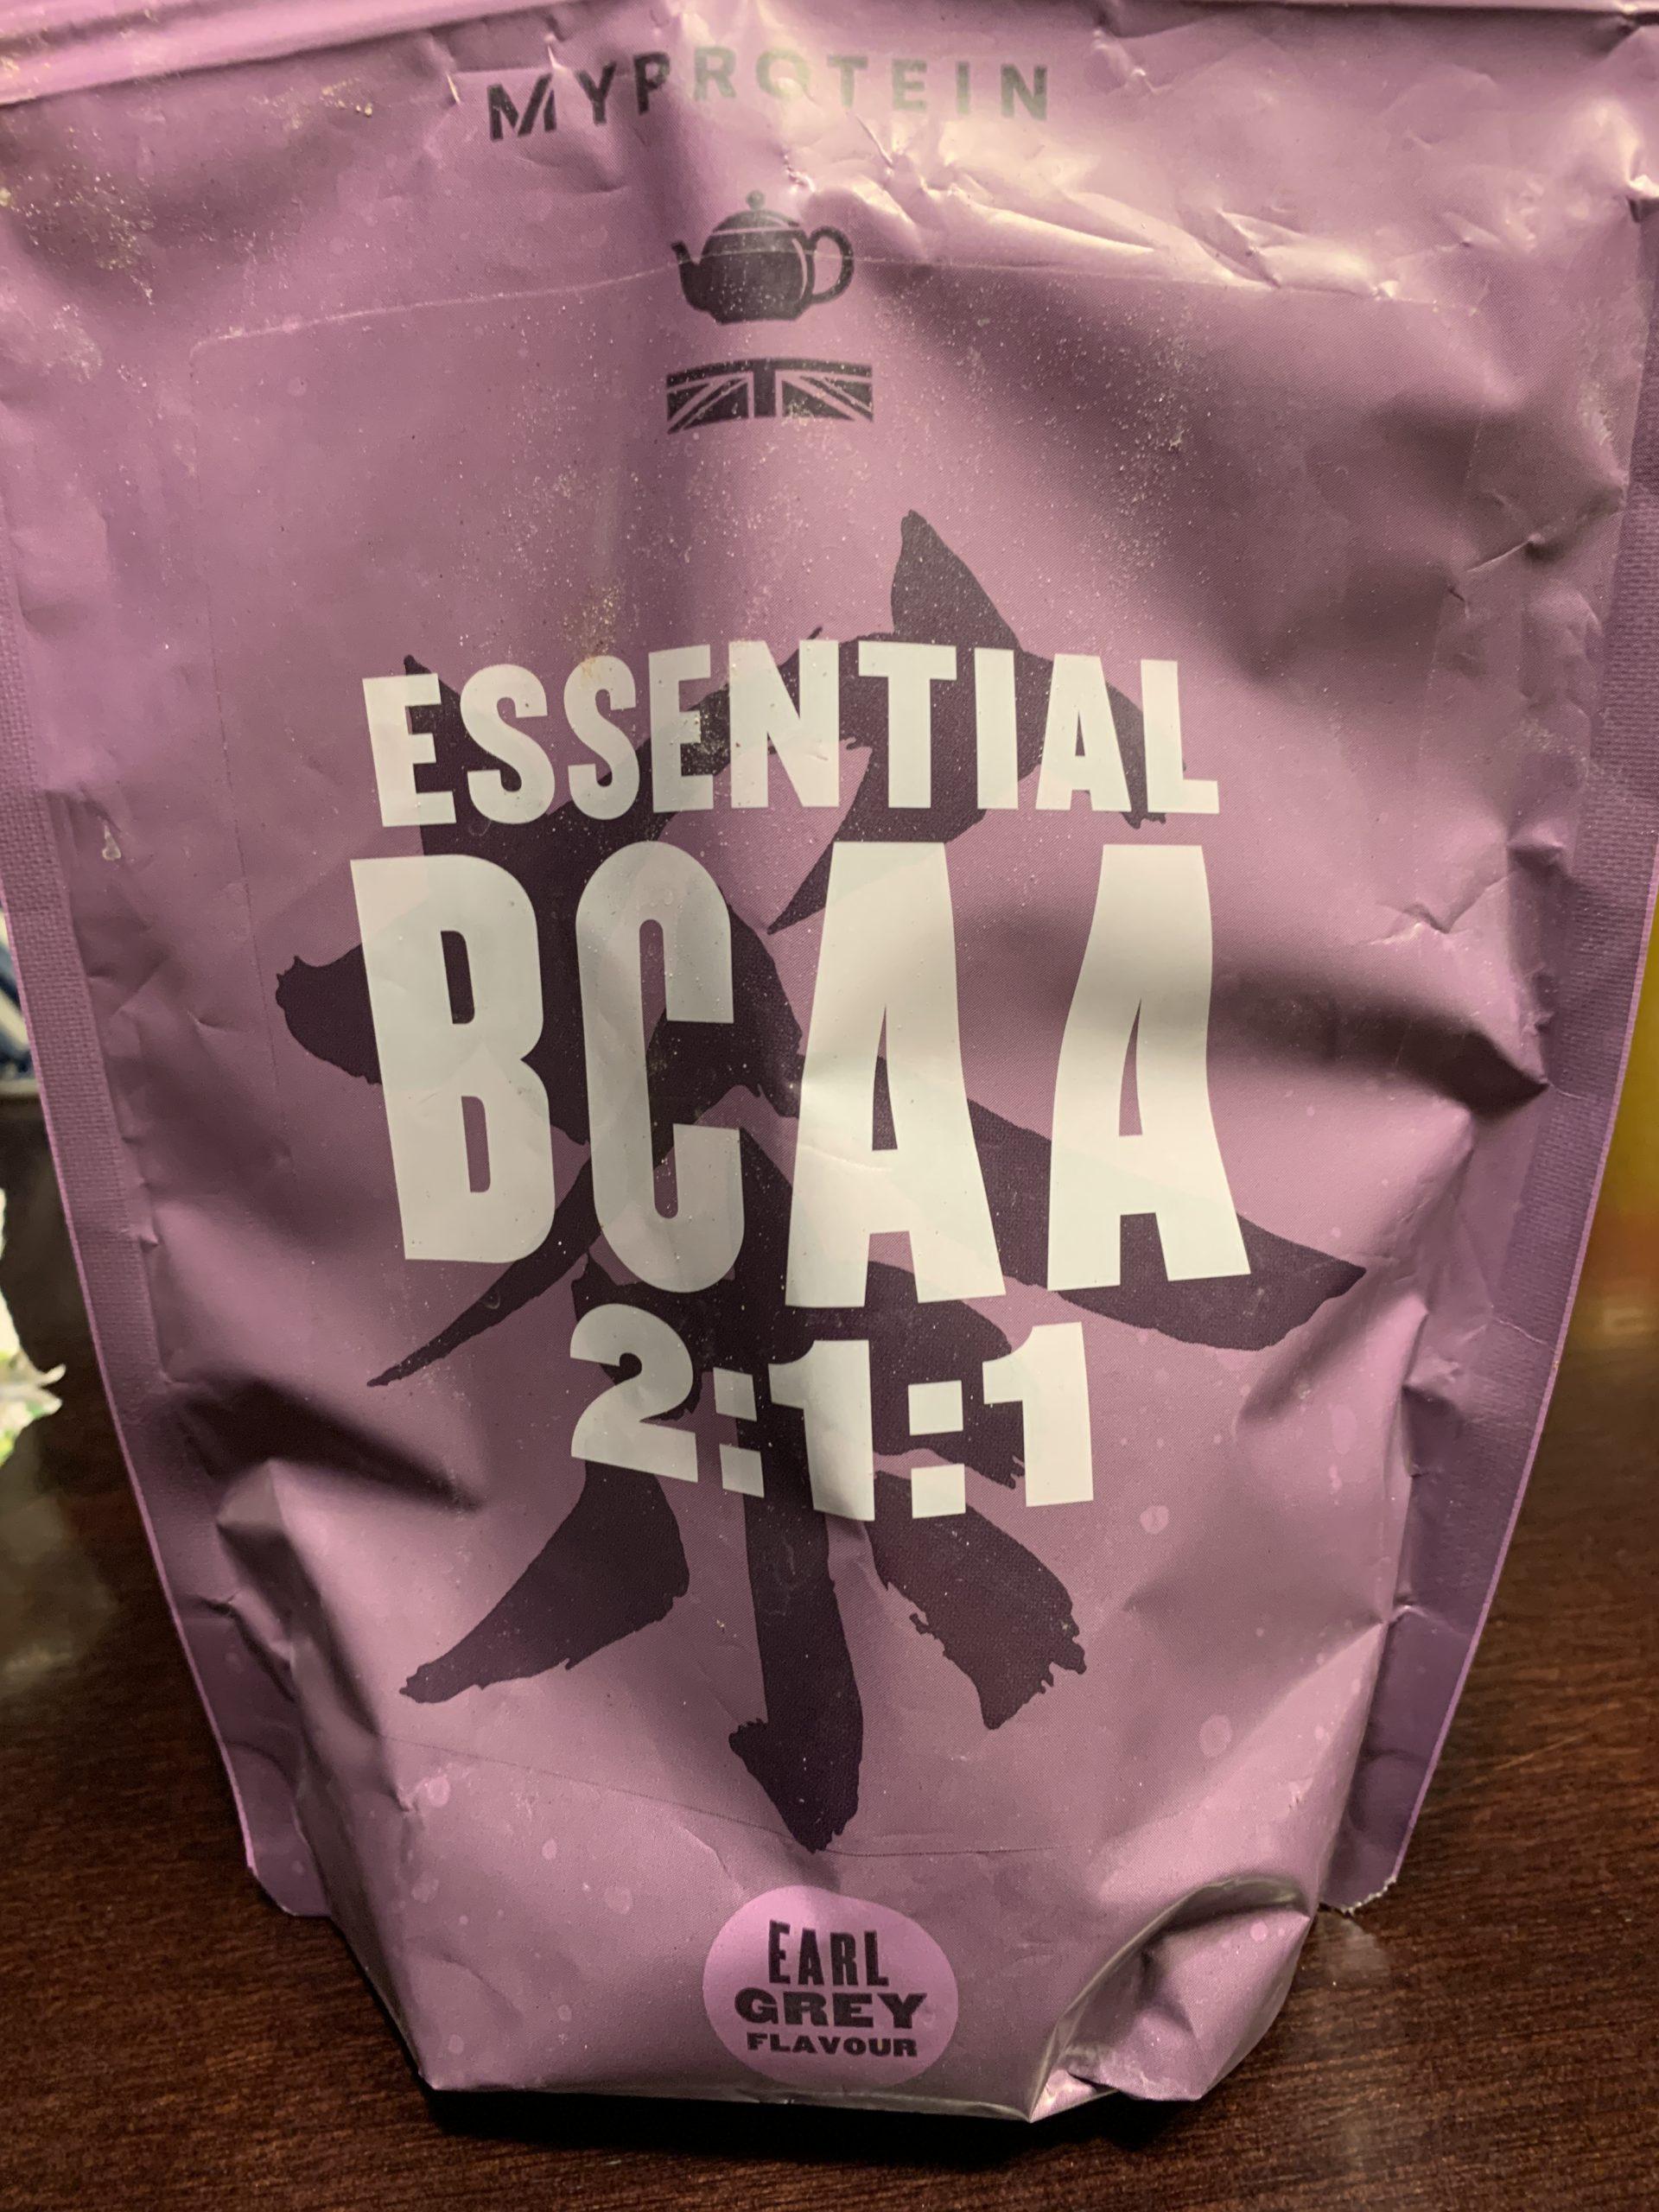 【マイプロテイン】Iアールグレイ風味 BCAA 2:1:1 評価データ